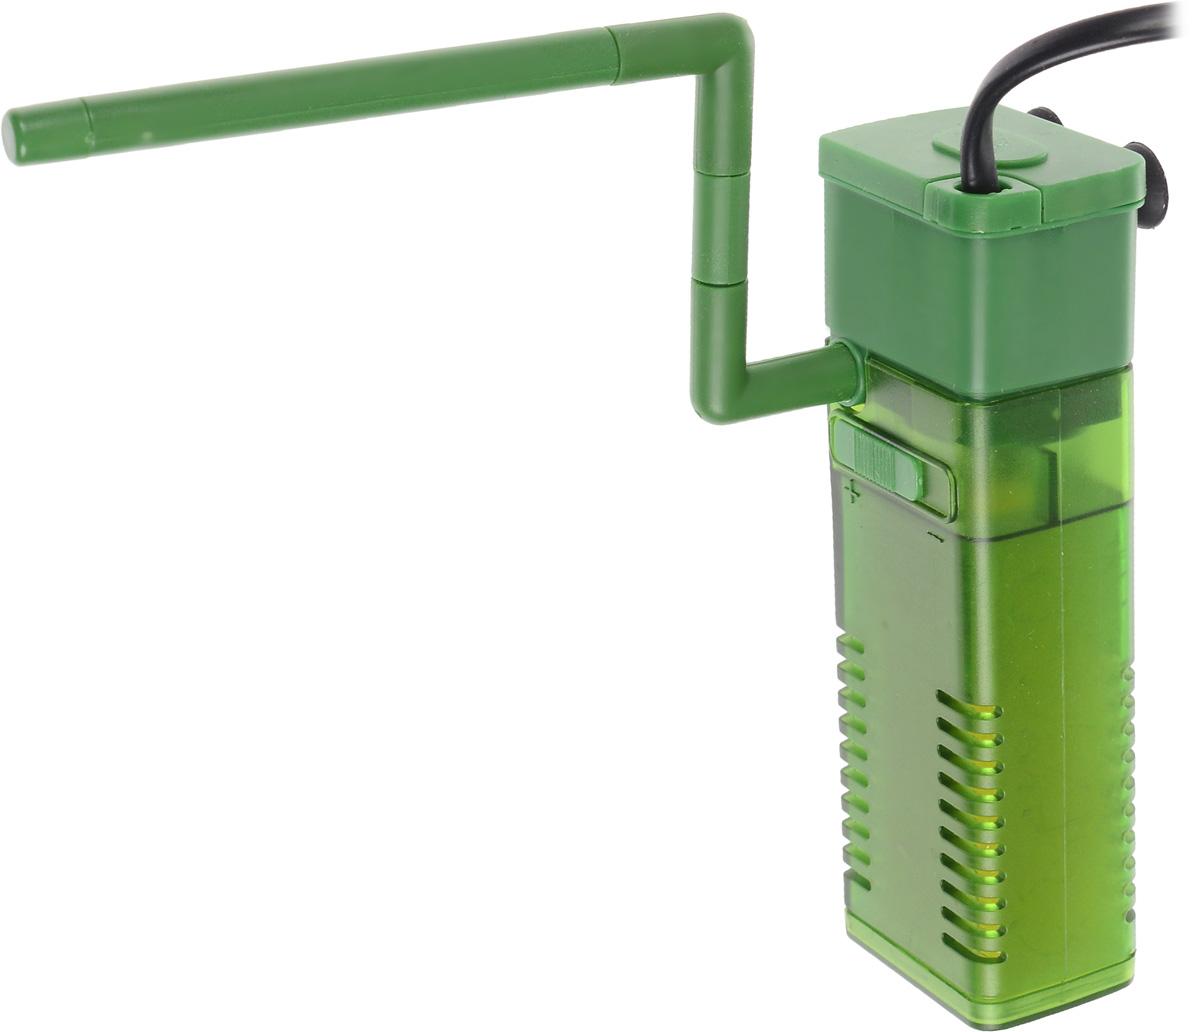 Фильтр для воды Barbus WP- 320F, аквариумный, с регулятором и флейтой, 500 л/чFILTER 003Barbus WP- 320F предназначен для фильтрации воды в аквариумах. Механическая фильтрация происходит за счет губки, которая поглощает грязь и очищает воду. Фильтр равномерно распределяет поток воды в аквариуме с помощью системы Водяная флейта. Имеет дополнительную насадку с возможностью аэрации воды. Подходит для пресной и соленой воды. Фильтр полностью погружной. Мощность: 5 Вт. Напряжение: 220-240В. Частота: 50/60 Гц. Производительность: 500 л/ч. Рекомендованный объем аквариума: 30-70 л. Уважаемые клиенты! Обращаем ваше внимание на возможные изменения в цвете некоторых деталей товара. Поставка осуществляется в зависимости от наличия на складе.